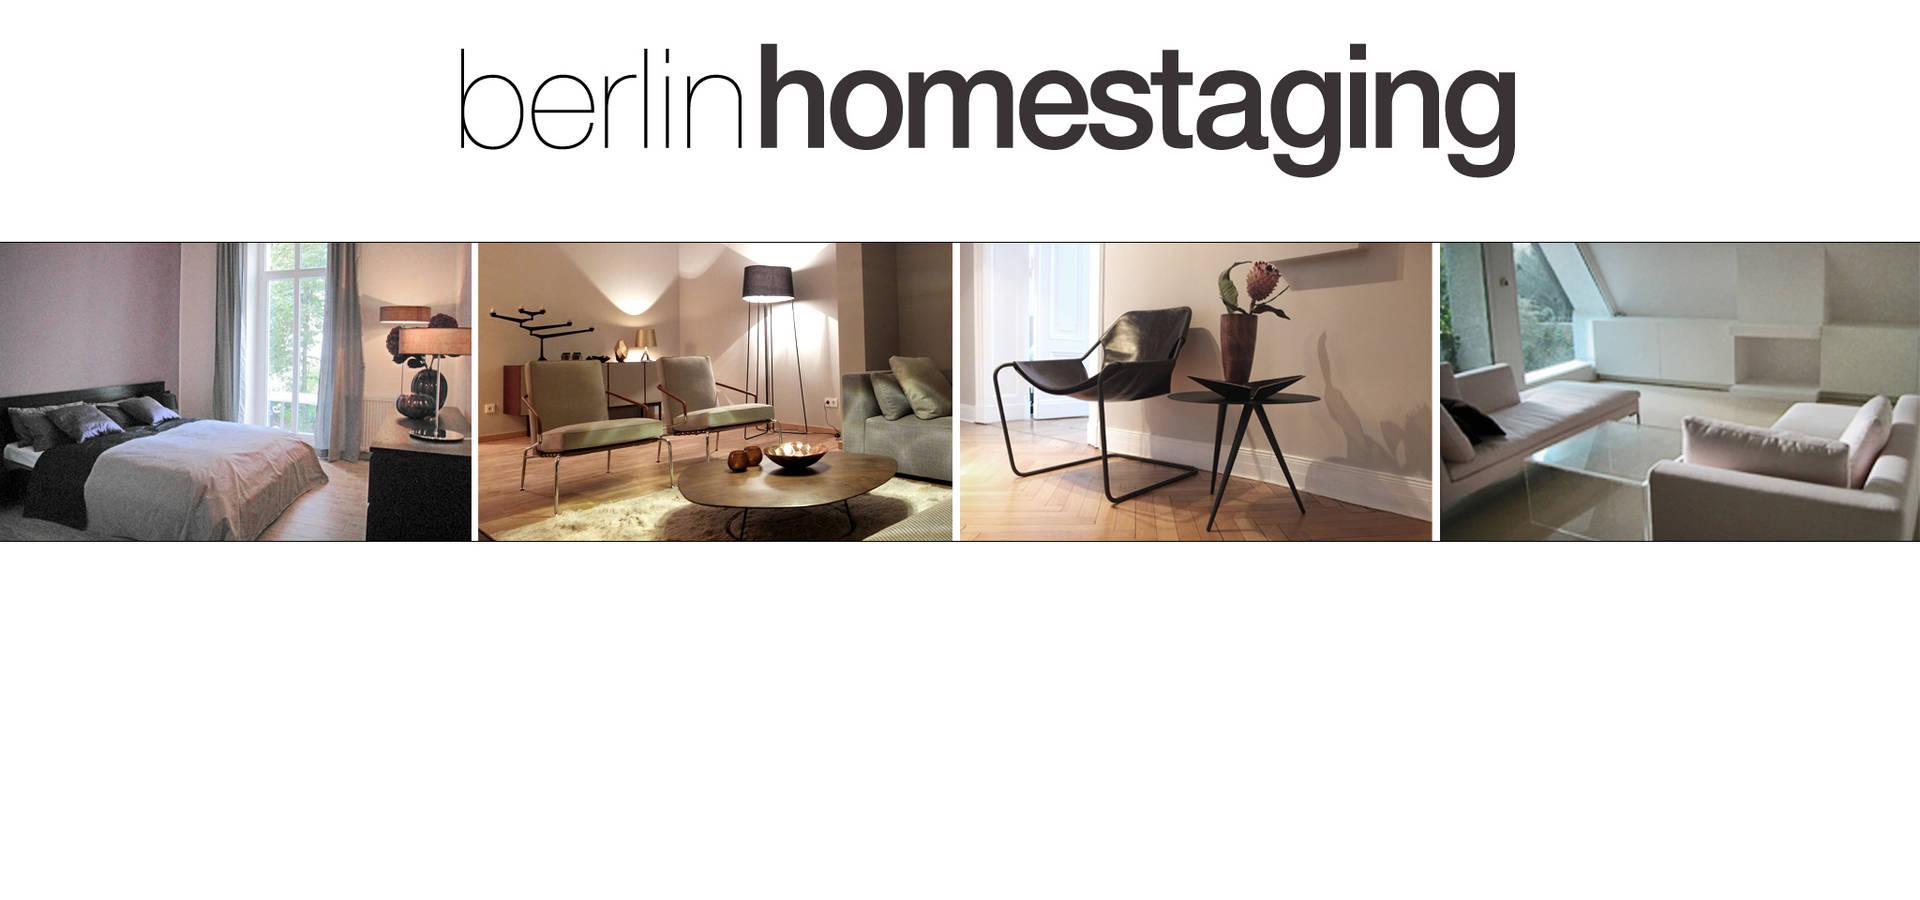 home staging berlin homestaging homify. Black Bedroom Furniture Sets. Home Design Ideas